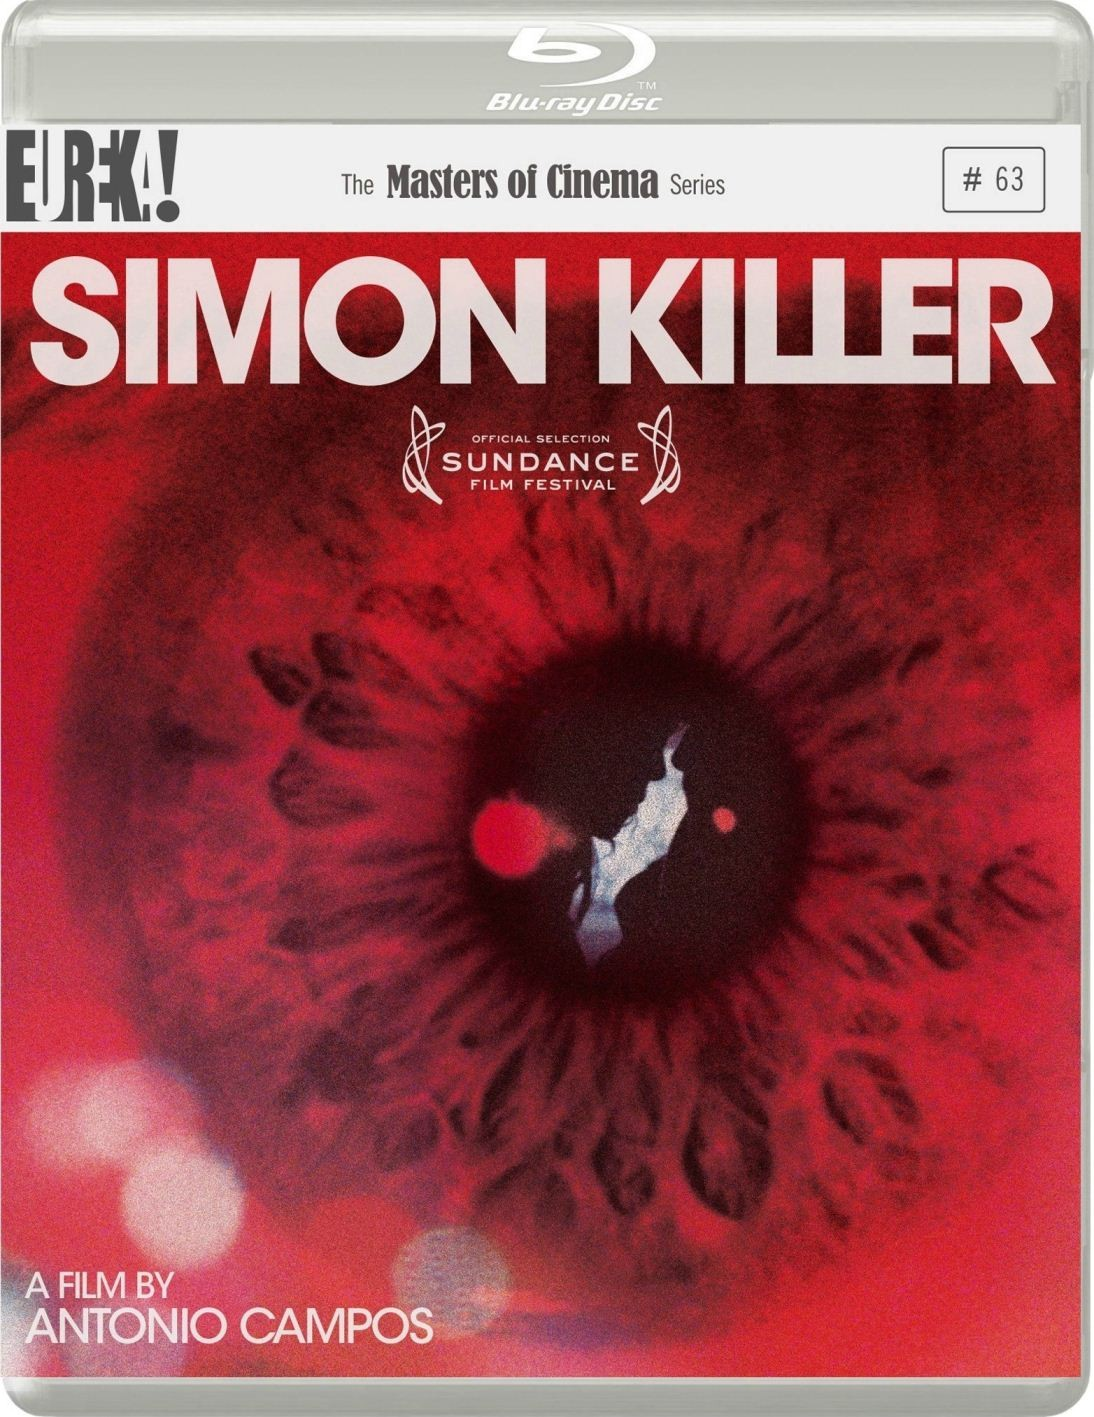 杀手西蒙 2012年圣丹斯电影节 60-066